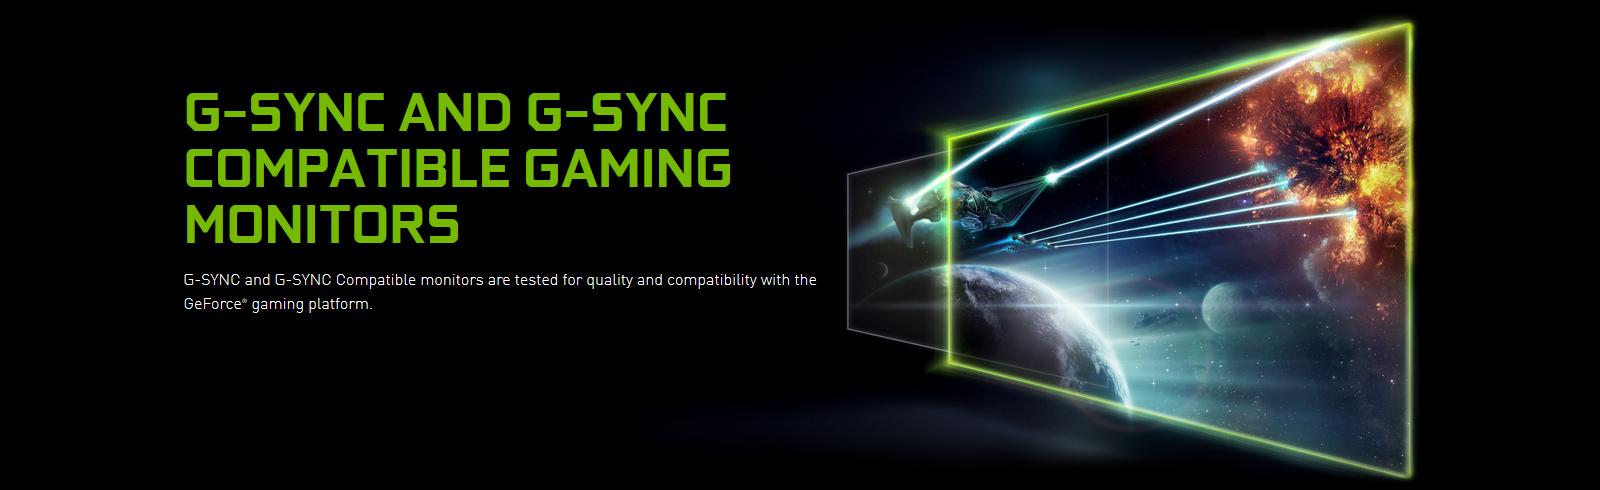 The new Nvidia G-SYNC compatible monitors are MSI MAG251RX, Dell AW5520QF, Nitro XV272U P